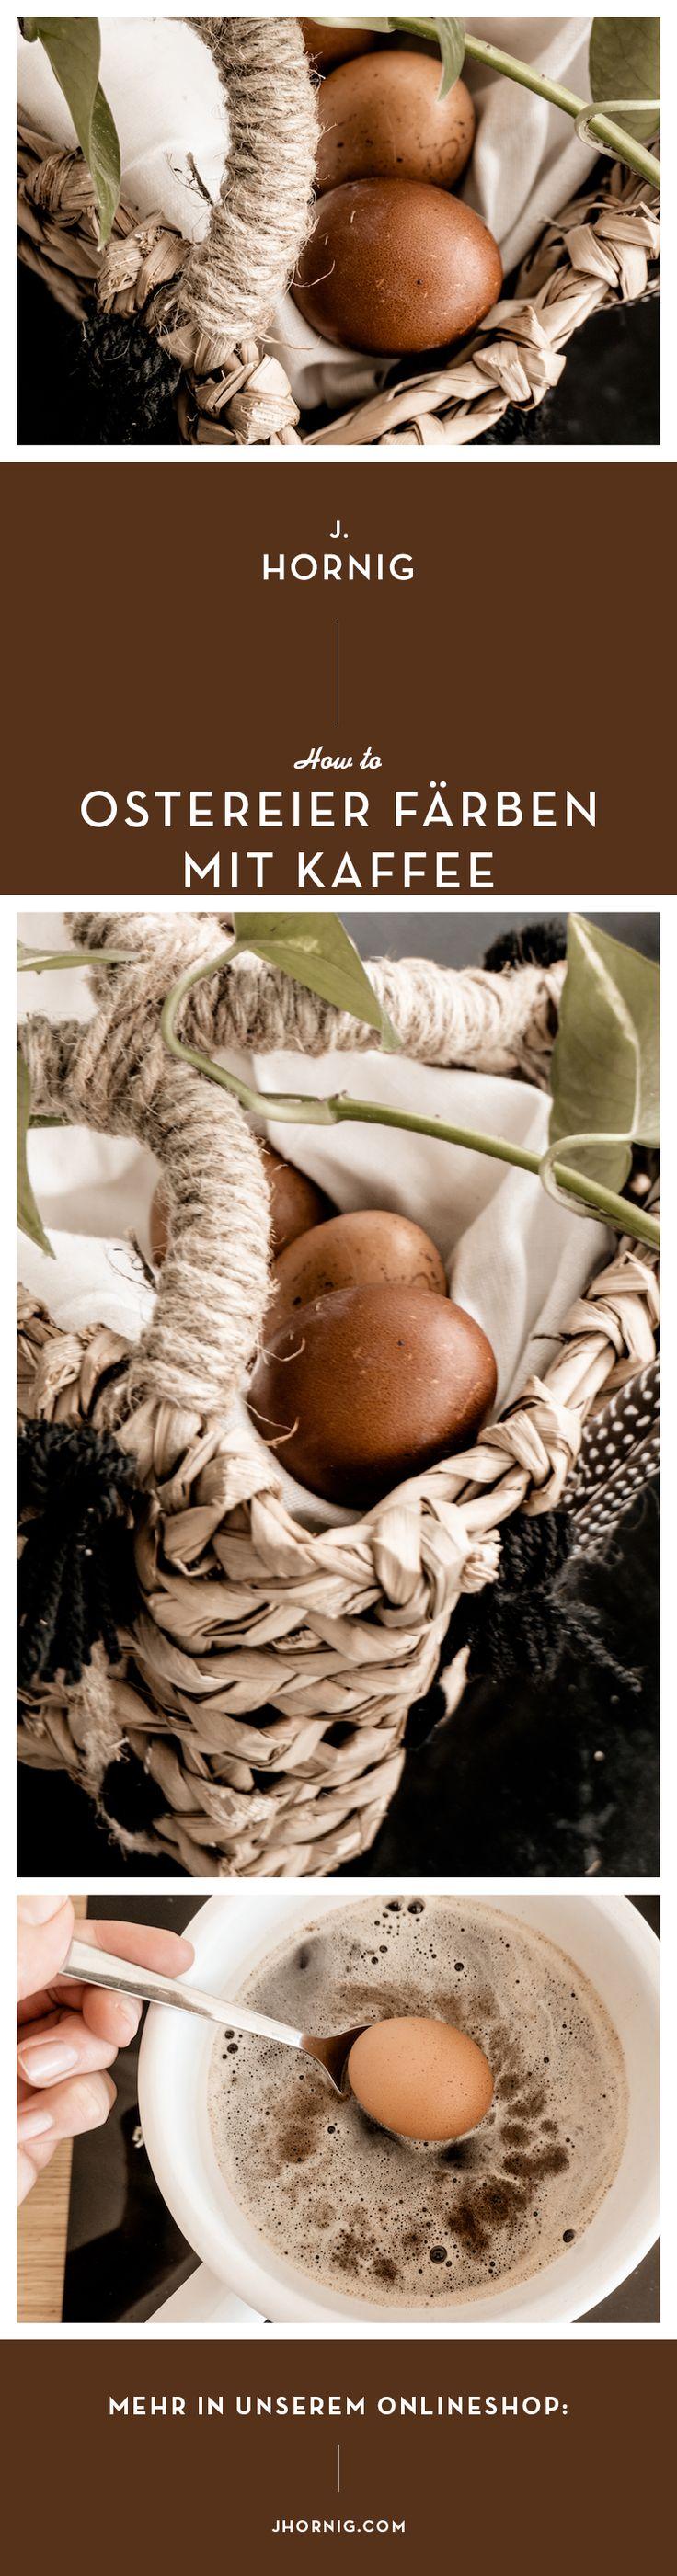 30 besten diy ideen mit kaffee bilder auf pinterest diy geschenke diy kosmetik und. Black Bedroom Furniture Sets. Home Design Ideas